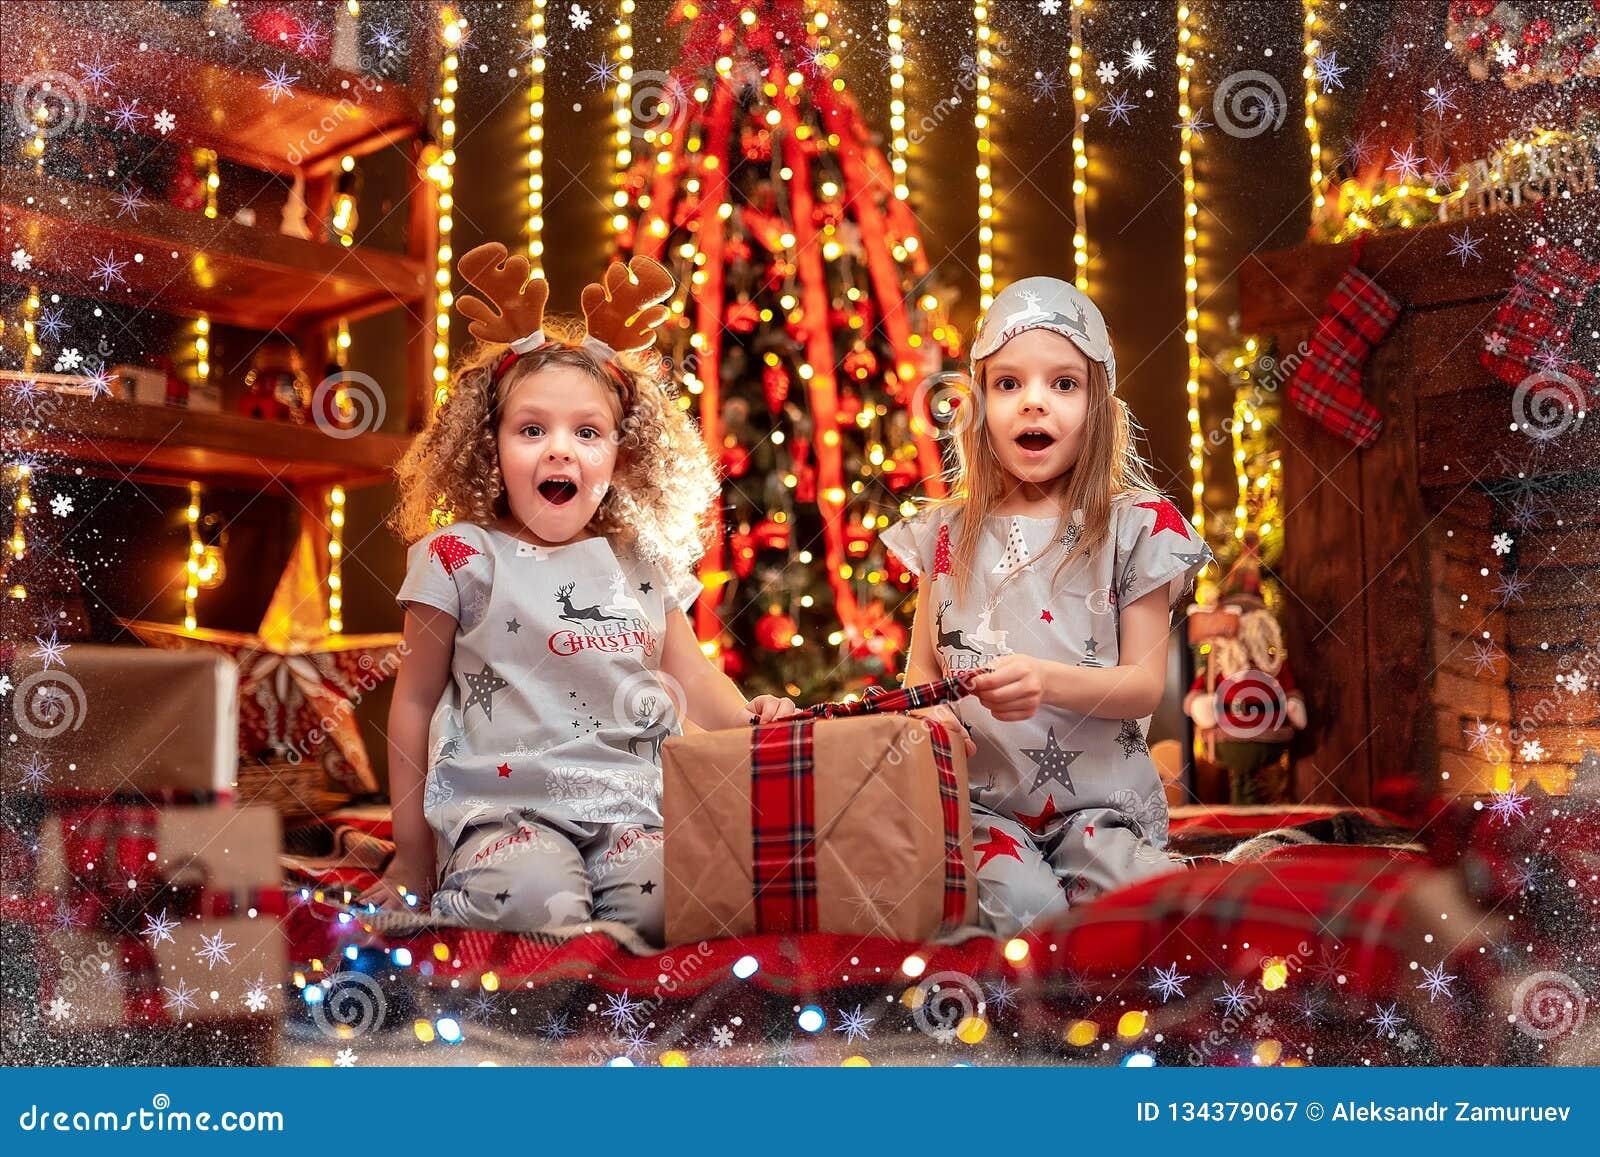 Ευτυχή μικρά κορίτσια που φορούν το ανοικτό κιβώτιο δώρων πυτζαμών Χριστουγέννων από μια εστία σε ένα άνετο σκοτεινό καθιστικό στ